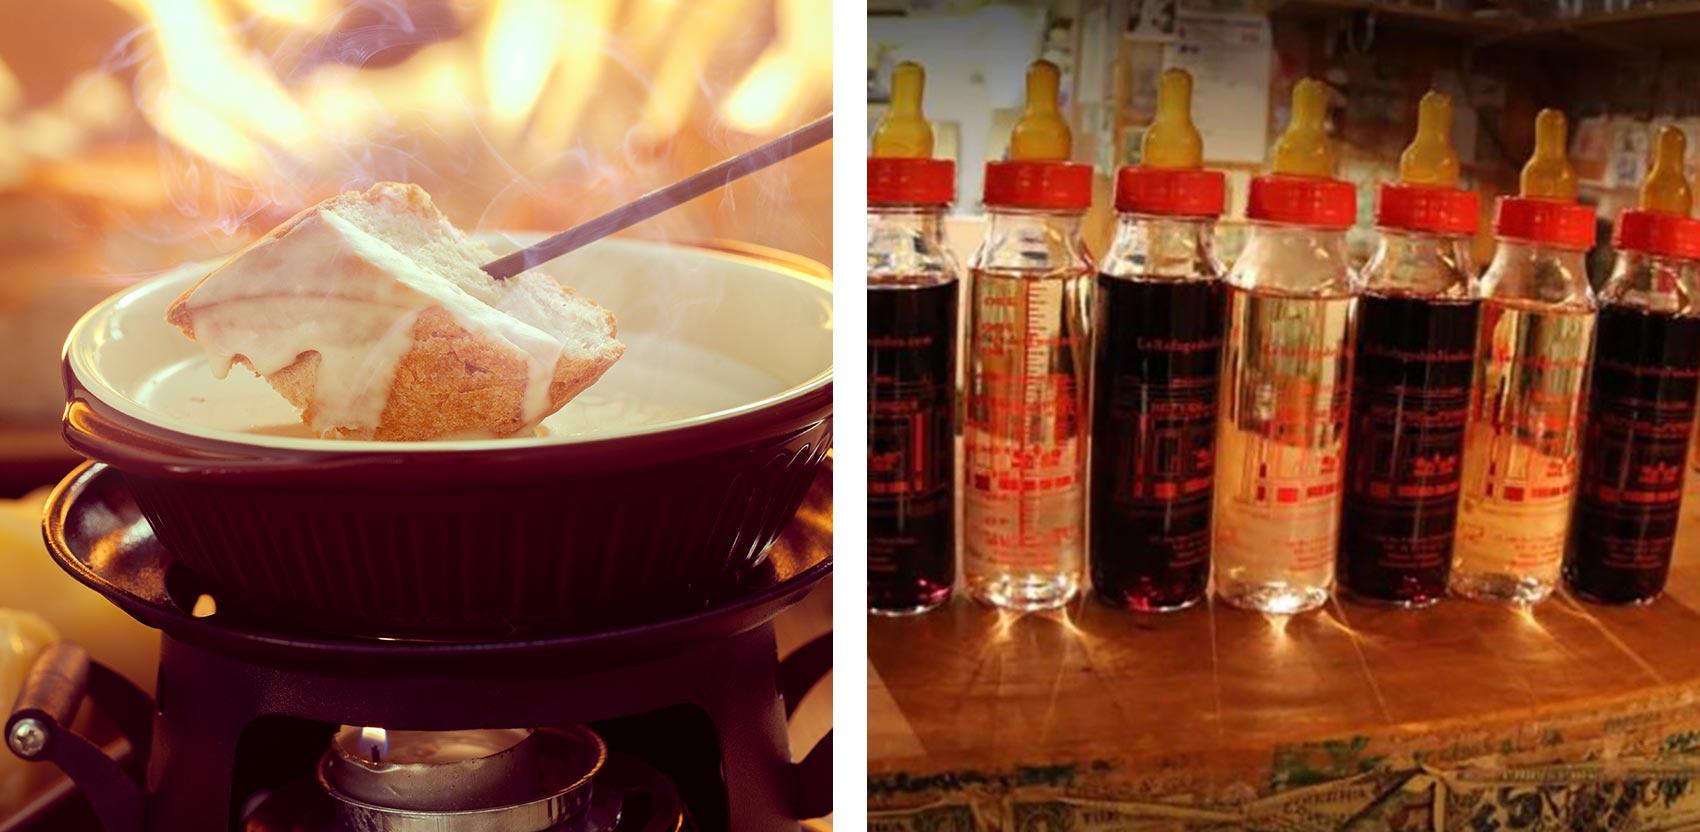 fondues-and-wine